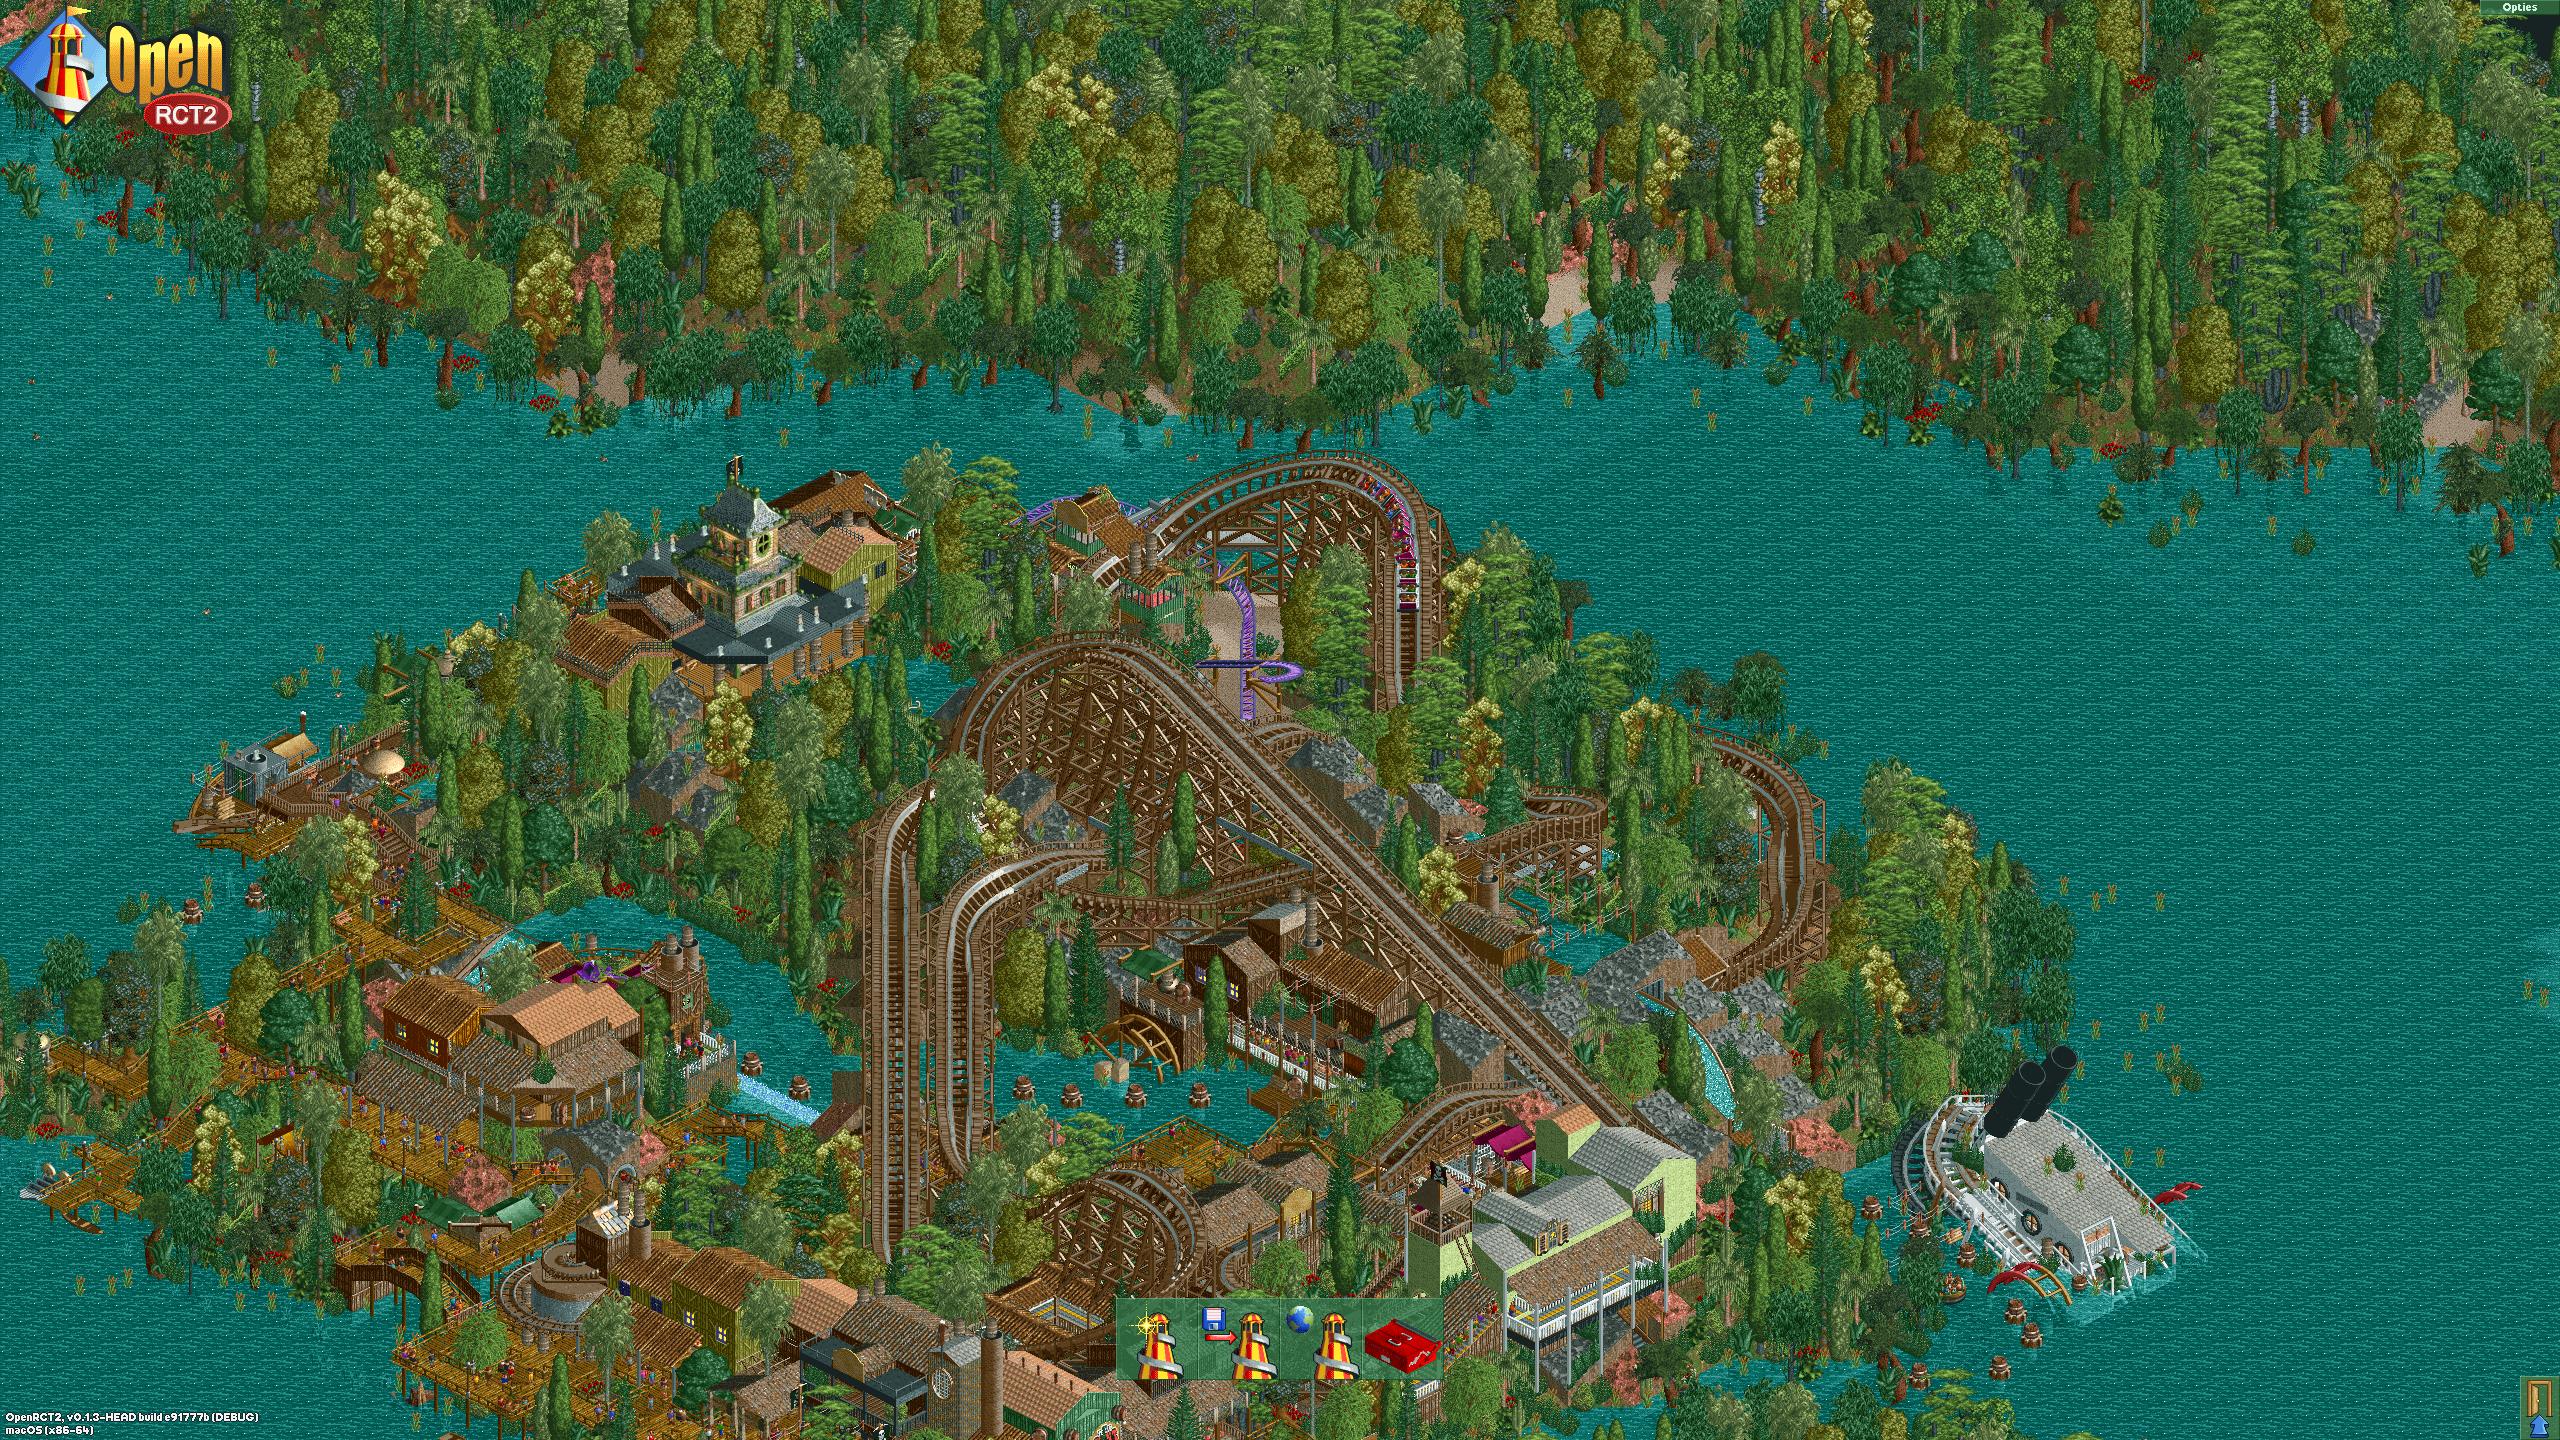 OpenRCT2: zo speel je de leukste RollerCoaster Tycoon op Mac